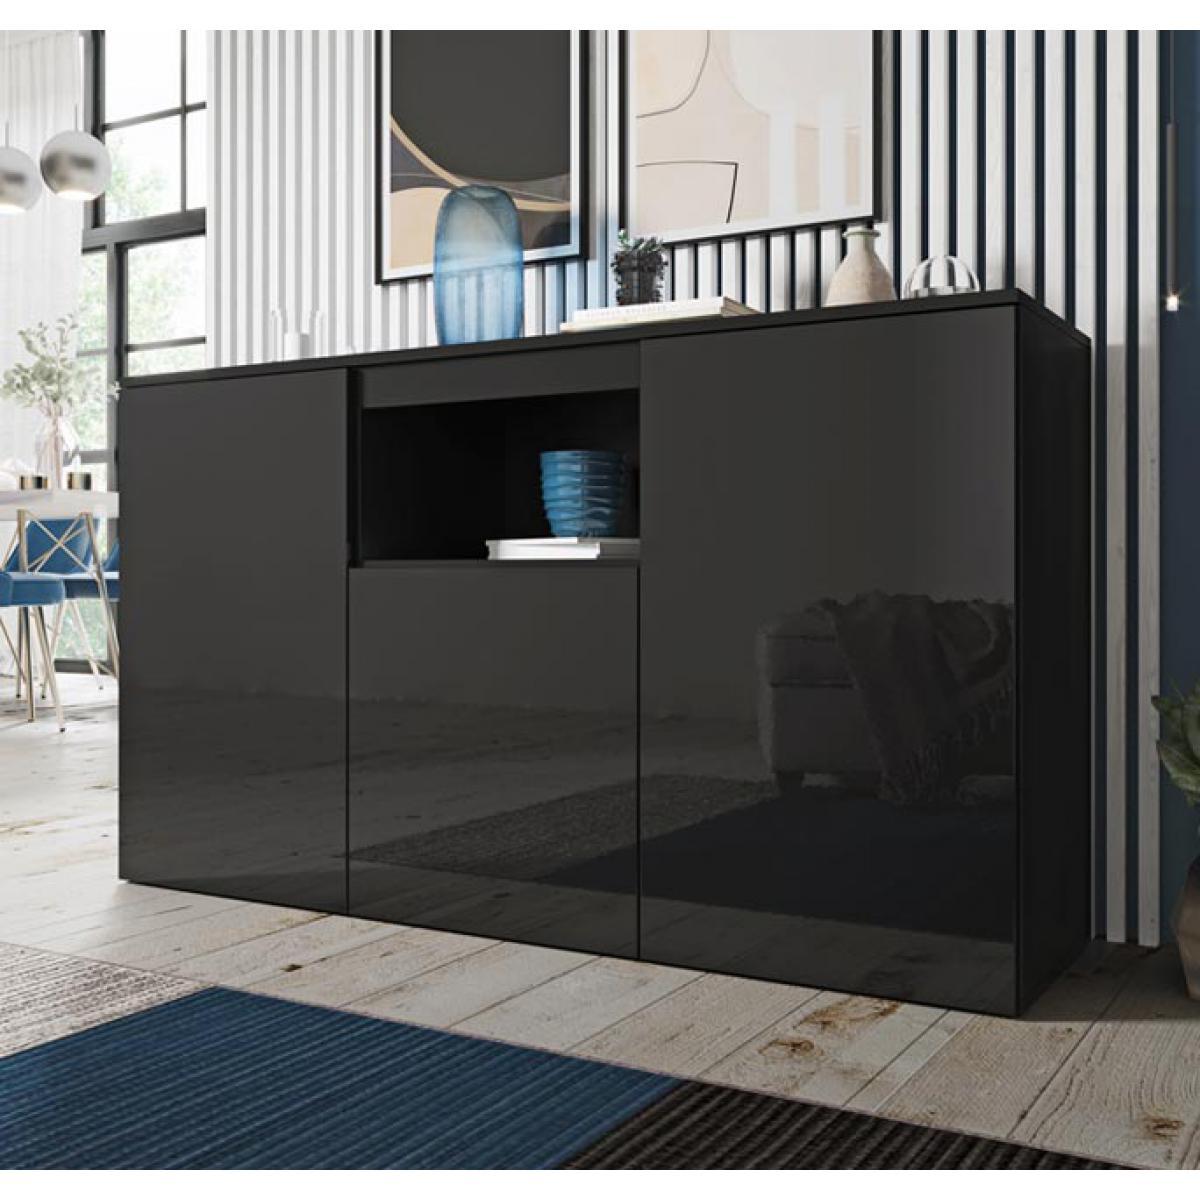 Design Ameublement Bahut modèle Nevada couleur noir